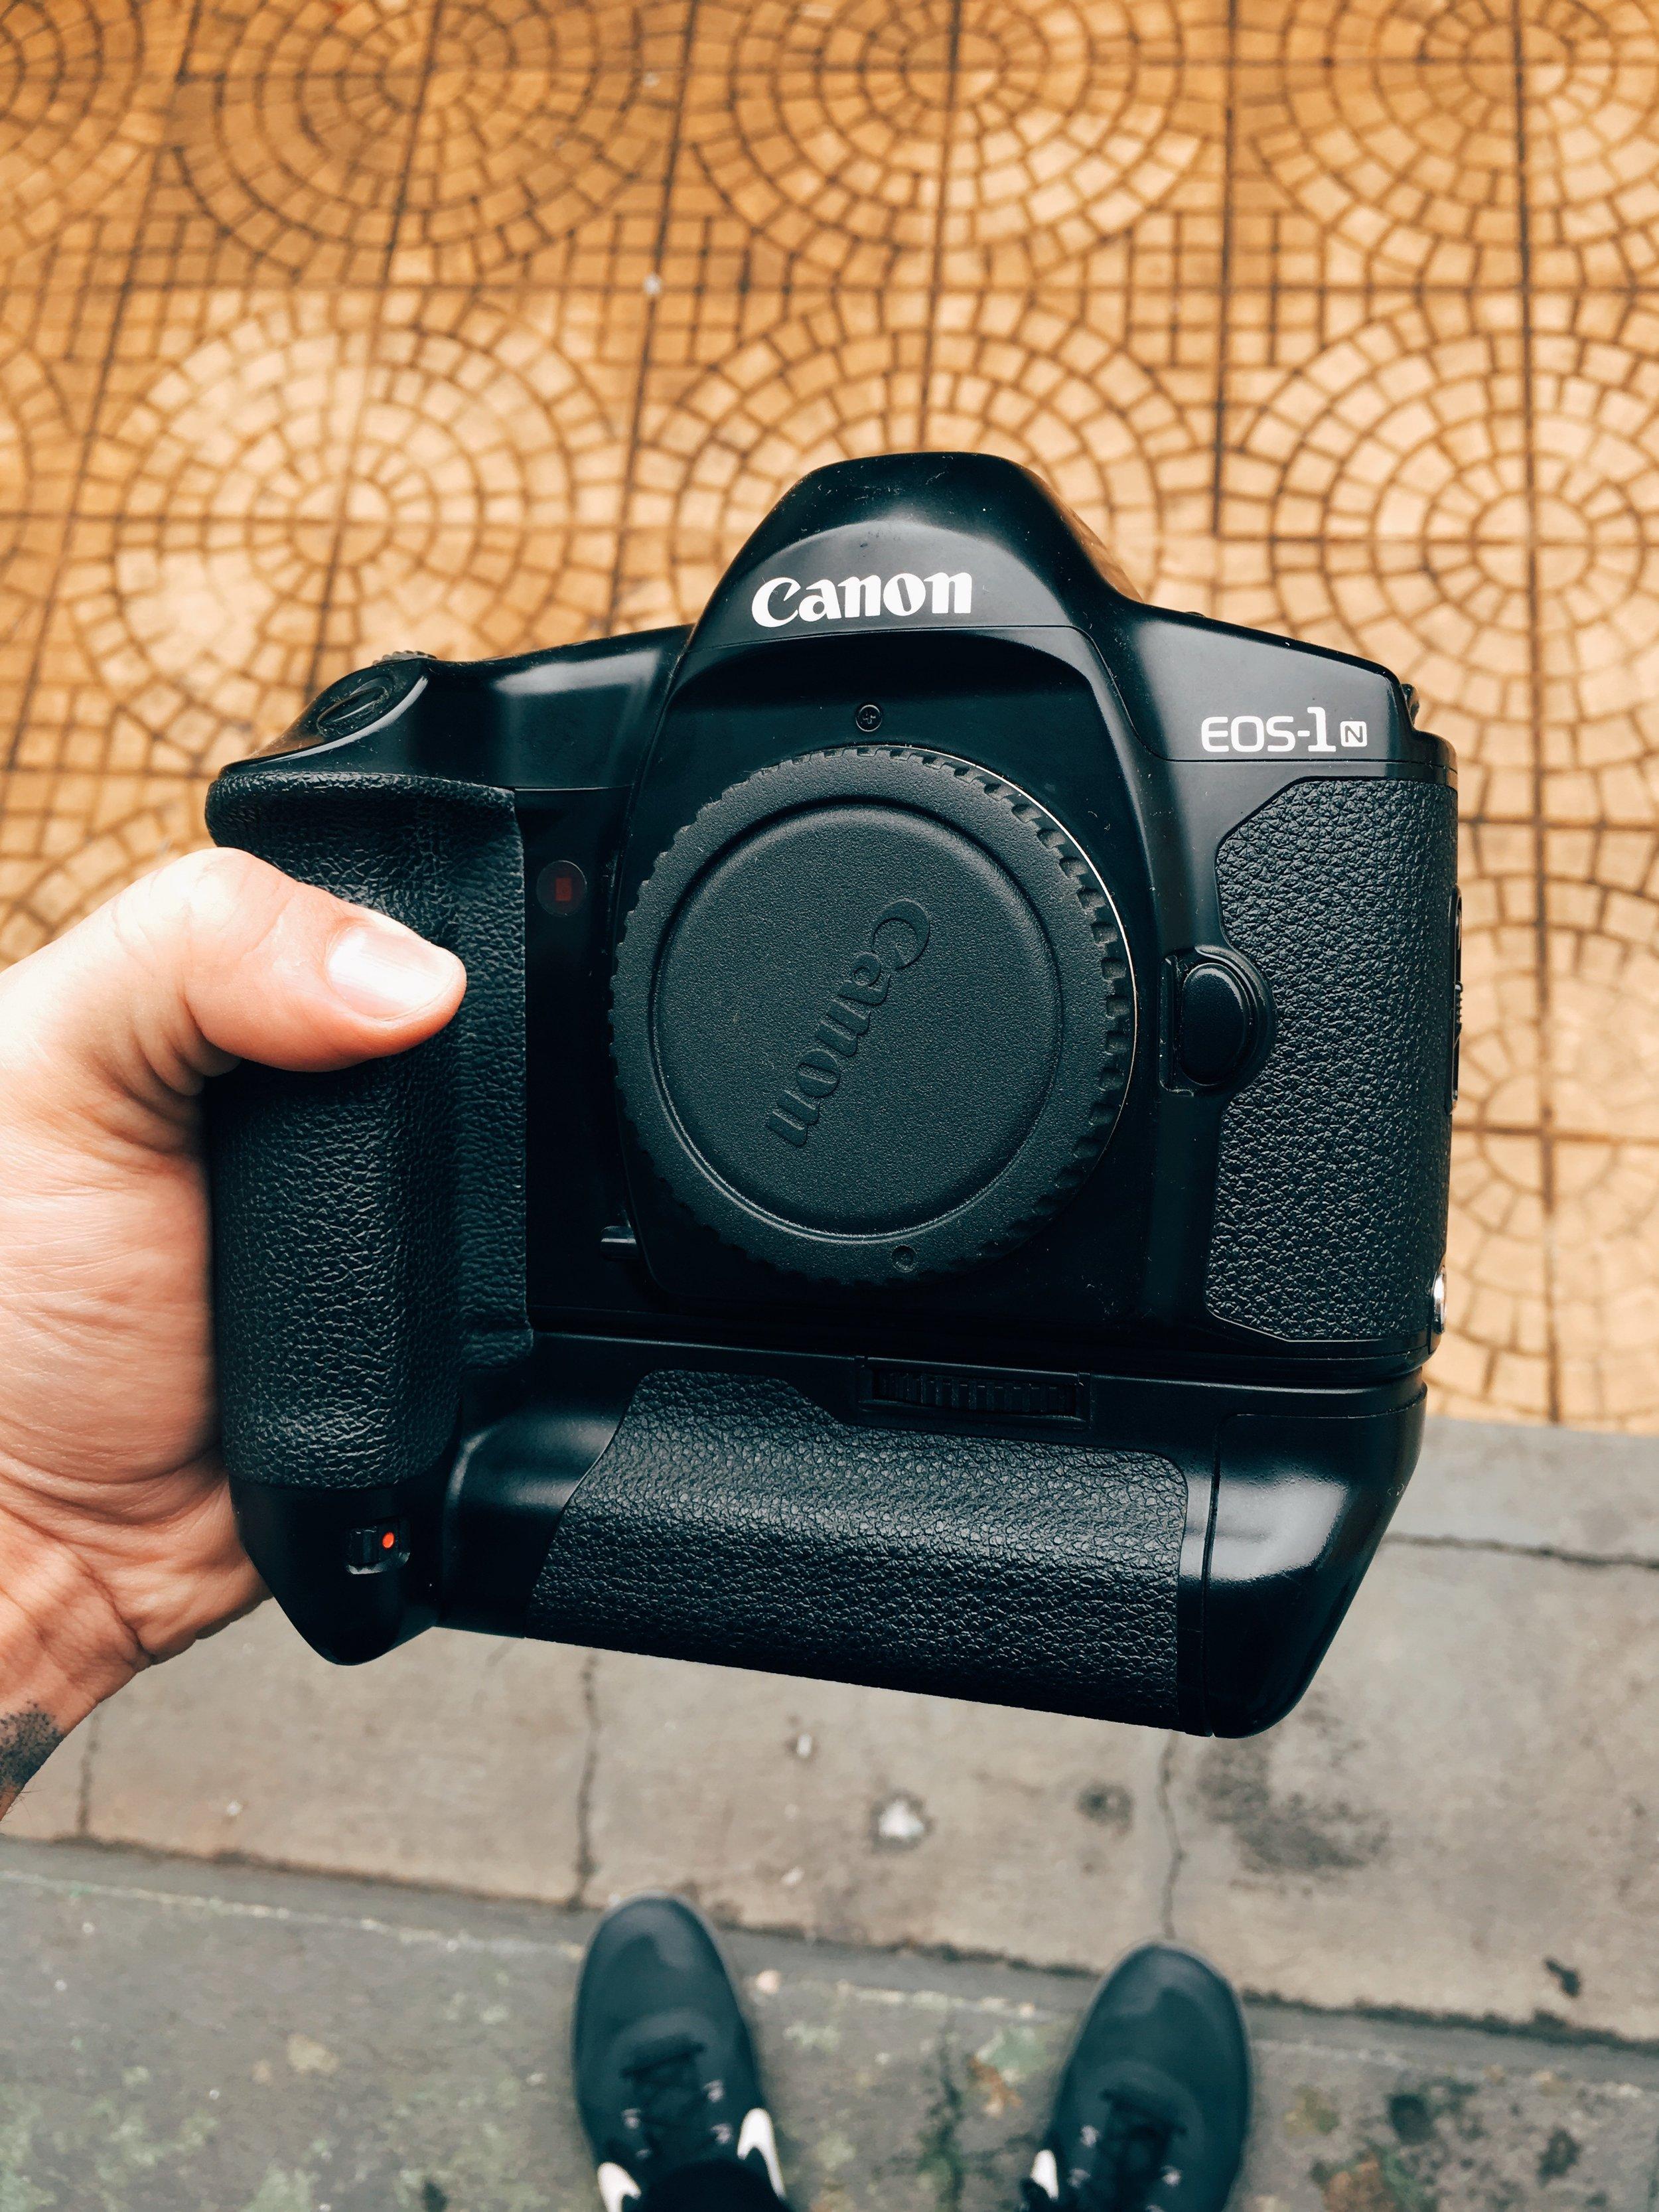 Canon EOS-1N - Sim, ela funciona e sim eu uso até hoje : )